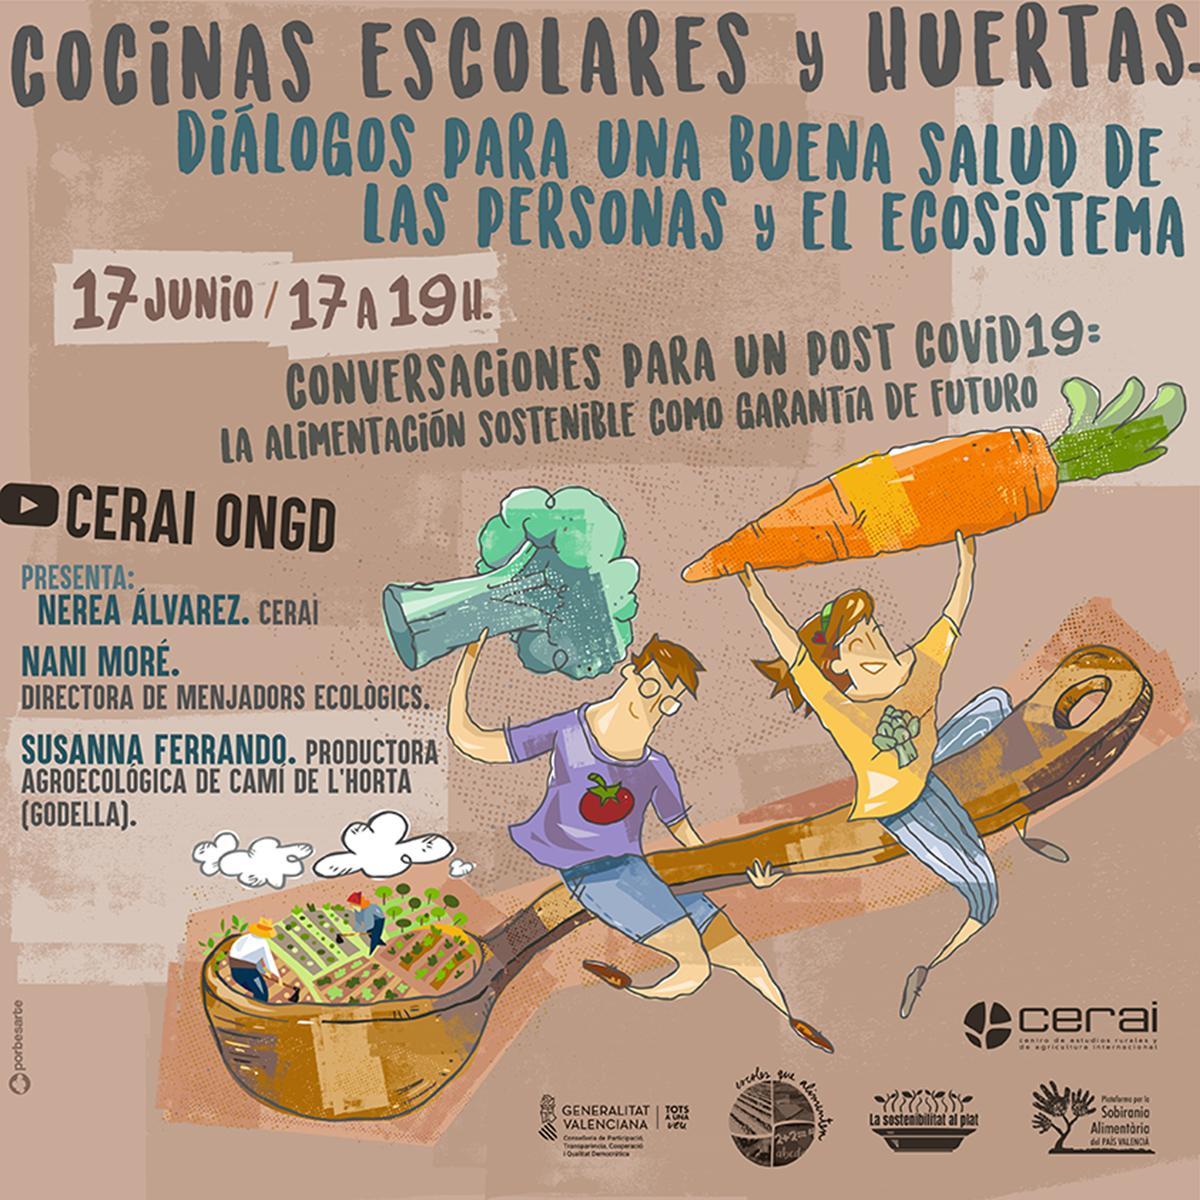 Cocinas y huertas: digálogos para la salud de las personas y el ecosistema